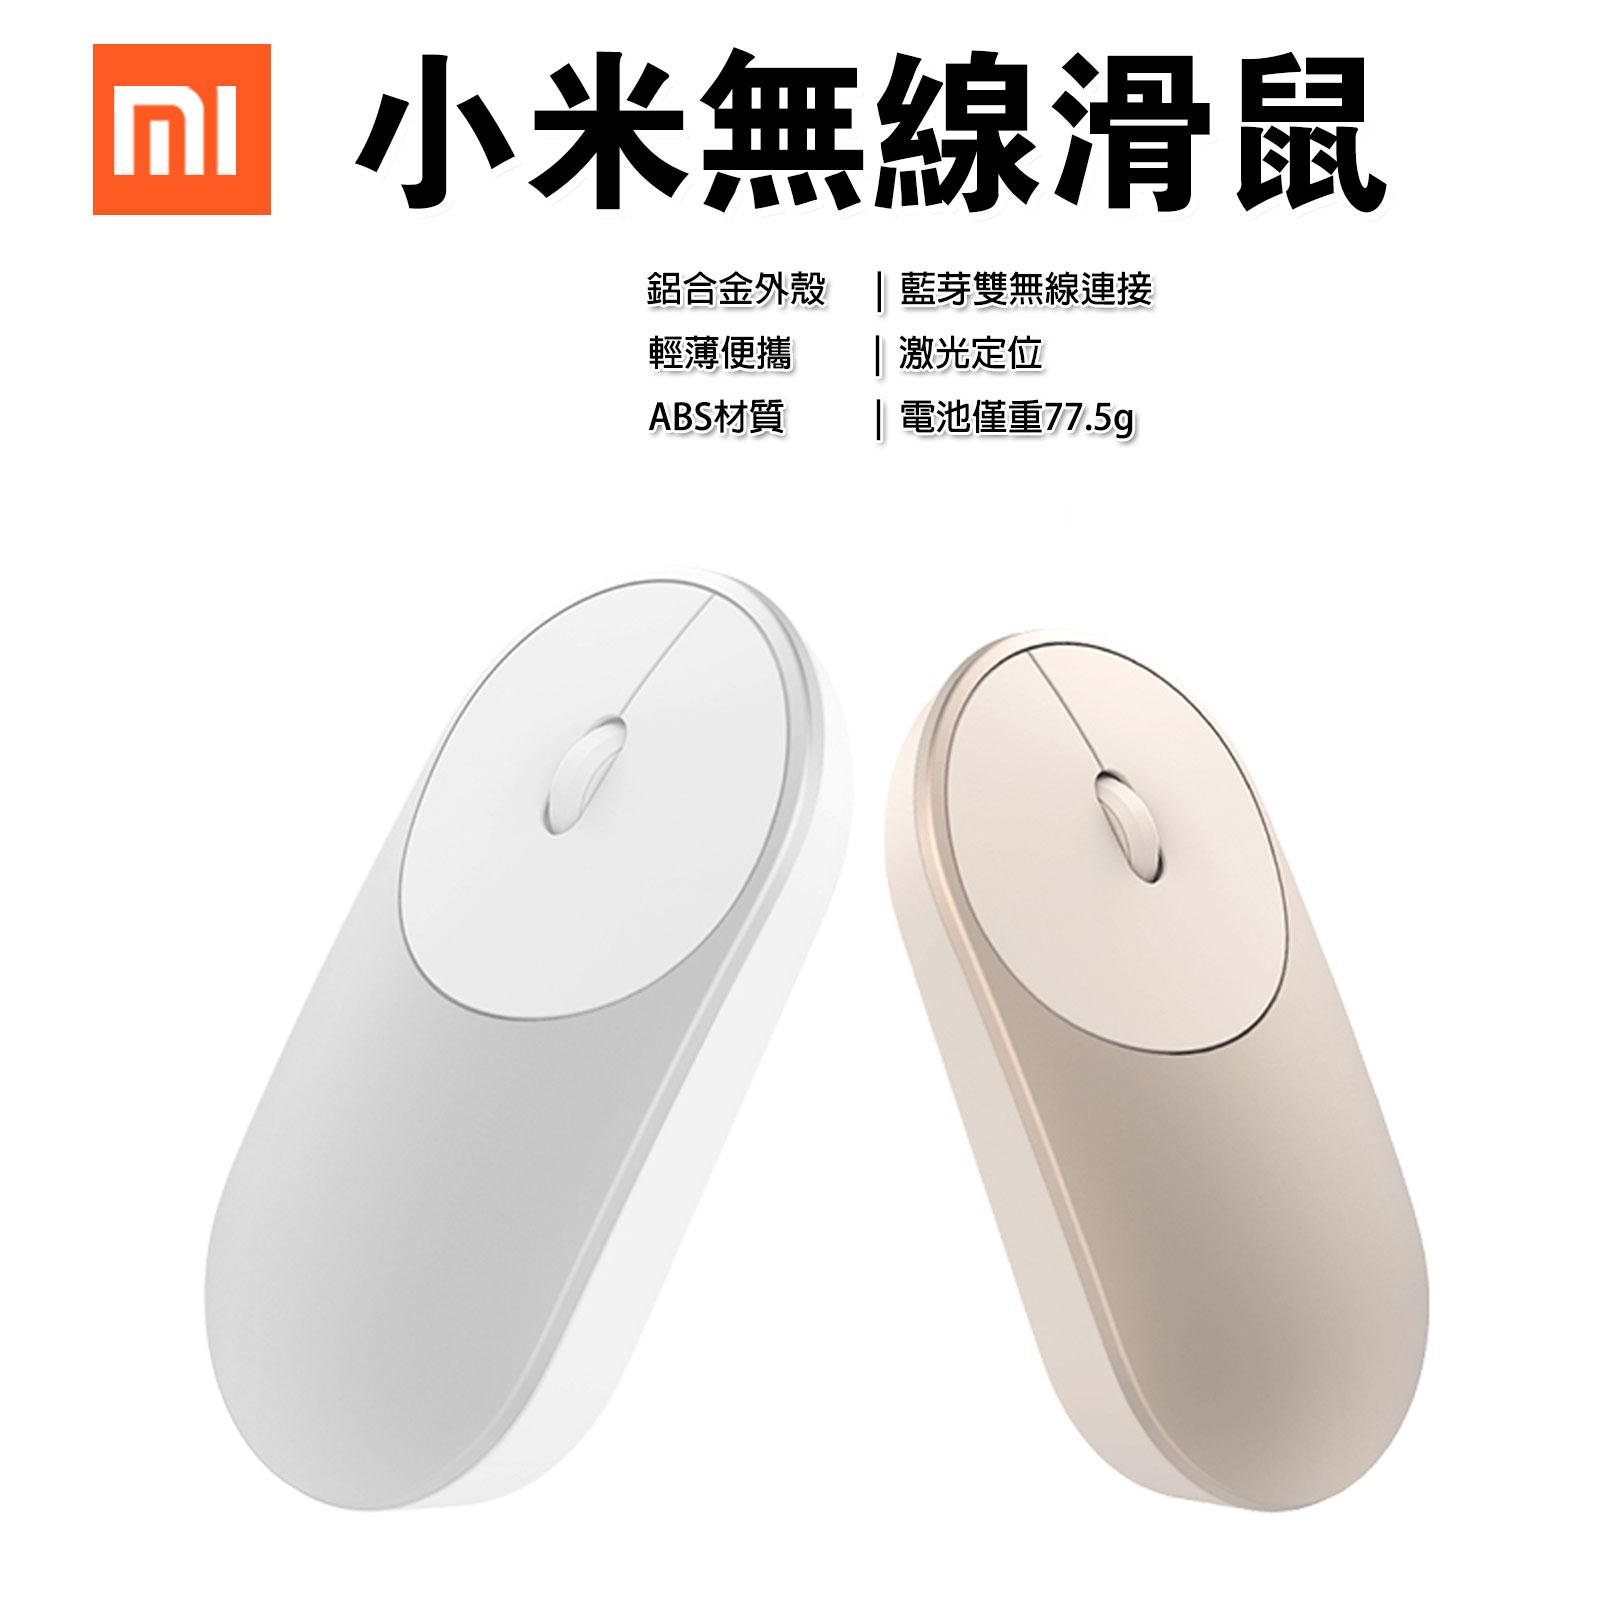 【原廠正品】小米無線藍芽滑鼠 鋁合金外殼 ABS材質 激光定位 輕薄便攜【O3350】☆雙兒網☆